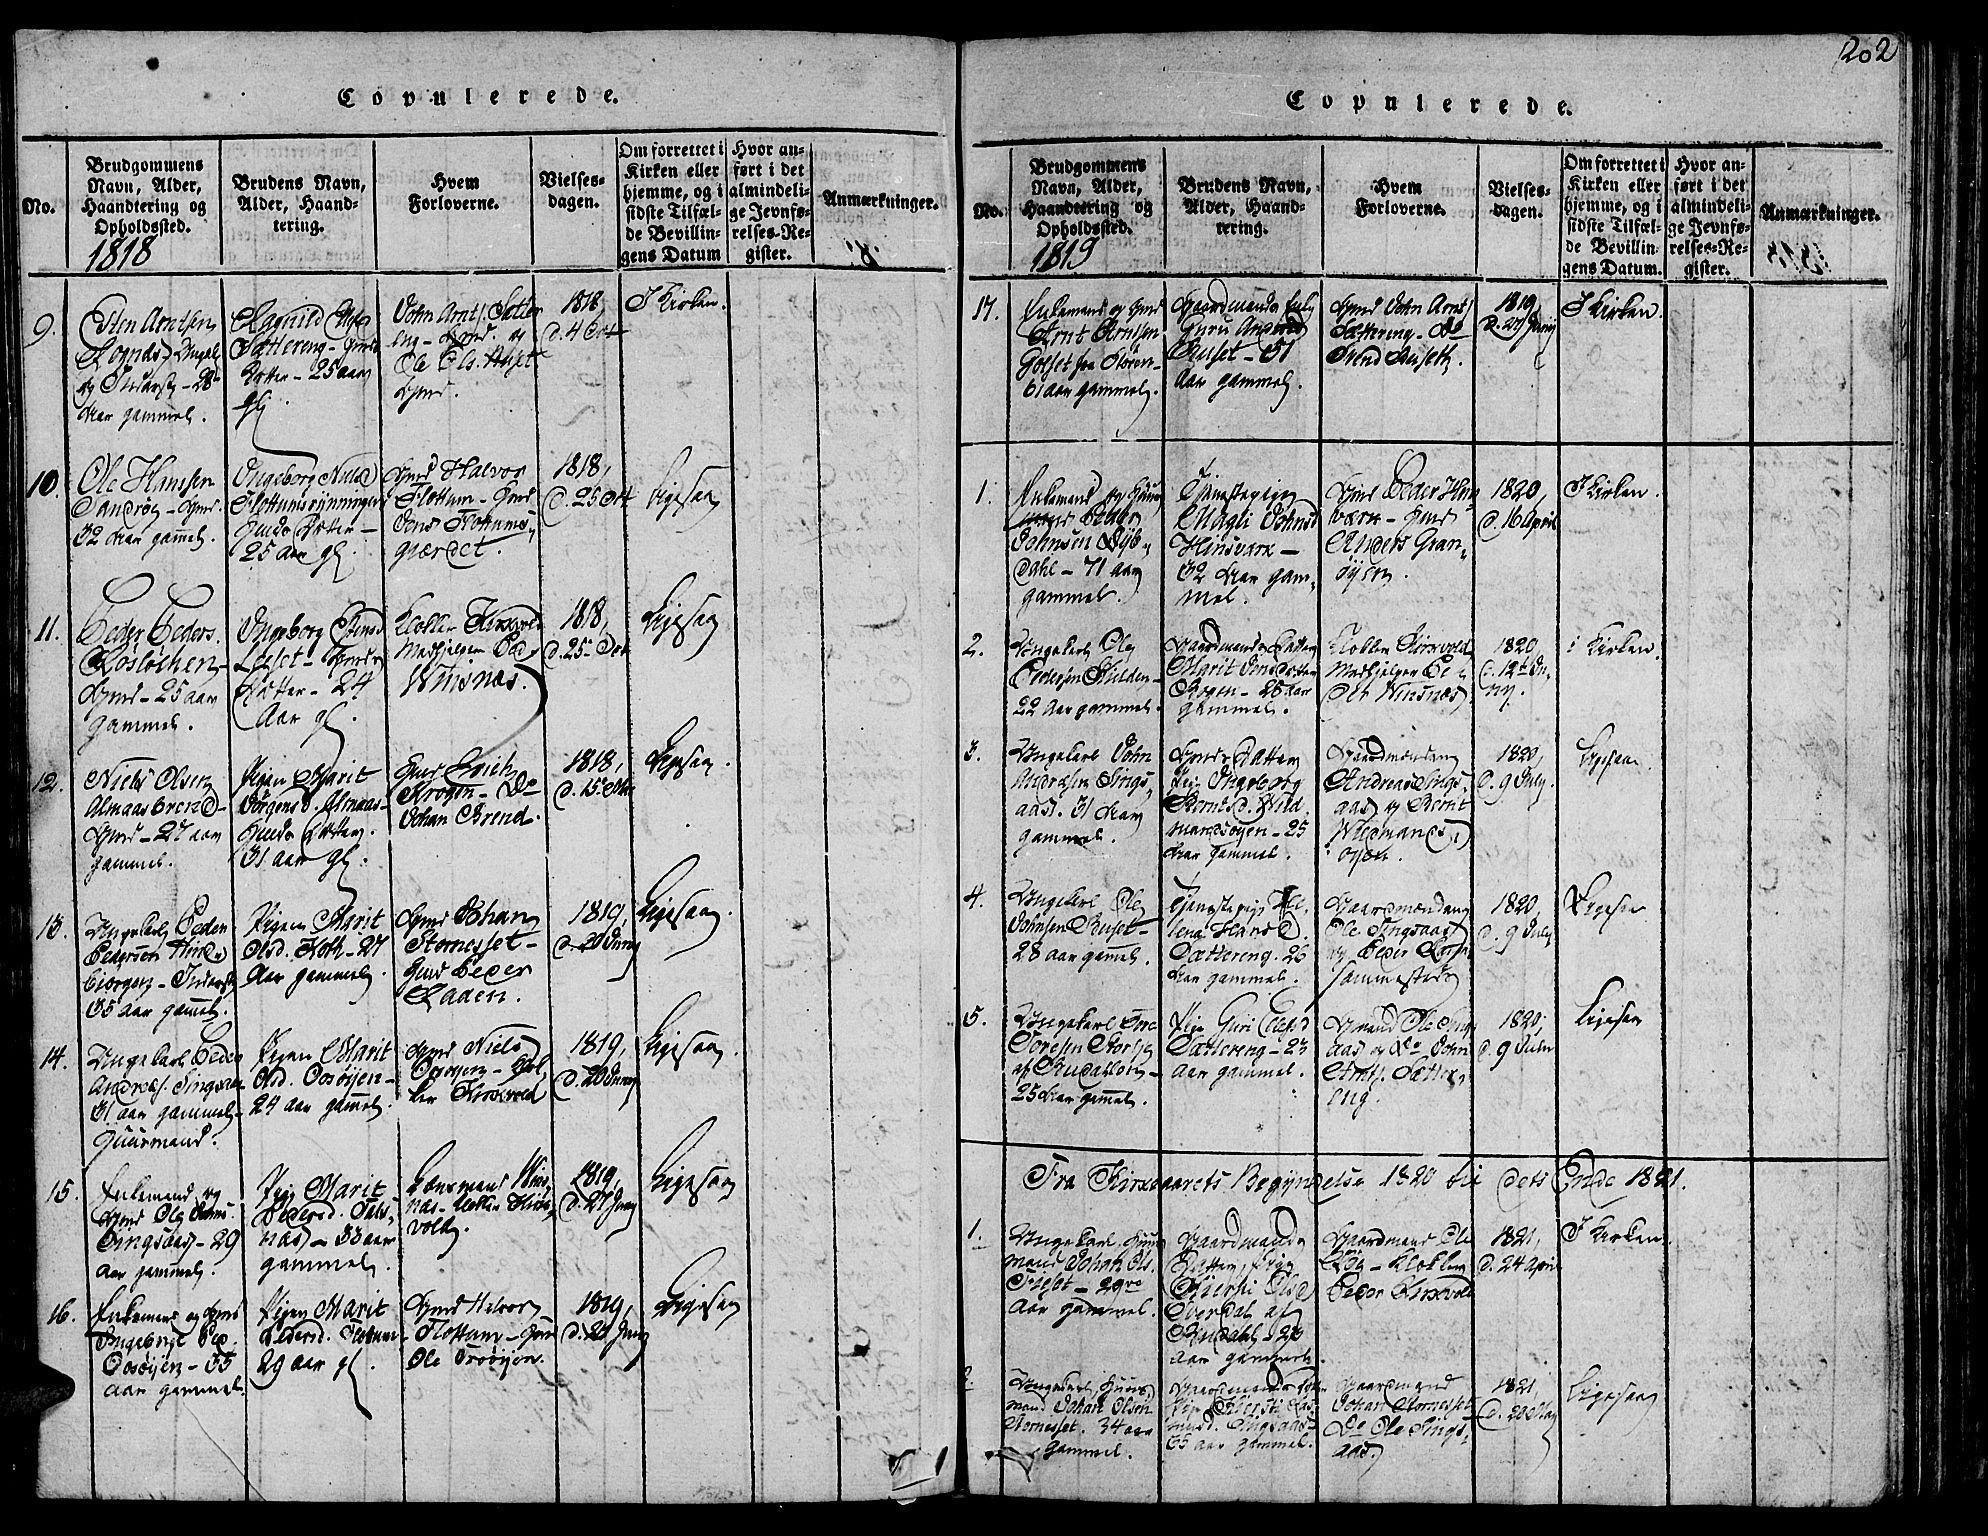 SAT, Ministerialprotokoller, klokkerbøker og fødselsregistre - Sør-Trøndelag, 685/L0955: Ministerialbok nr. 685A03 /2, 1817-1829, s. 202